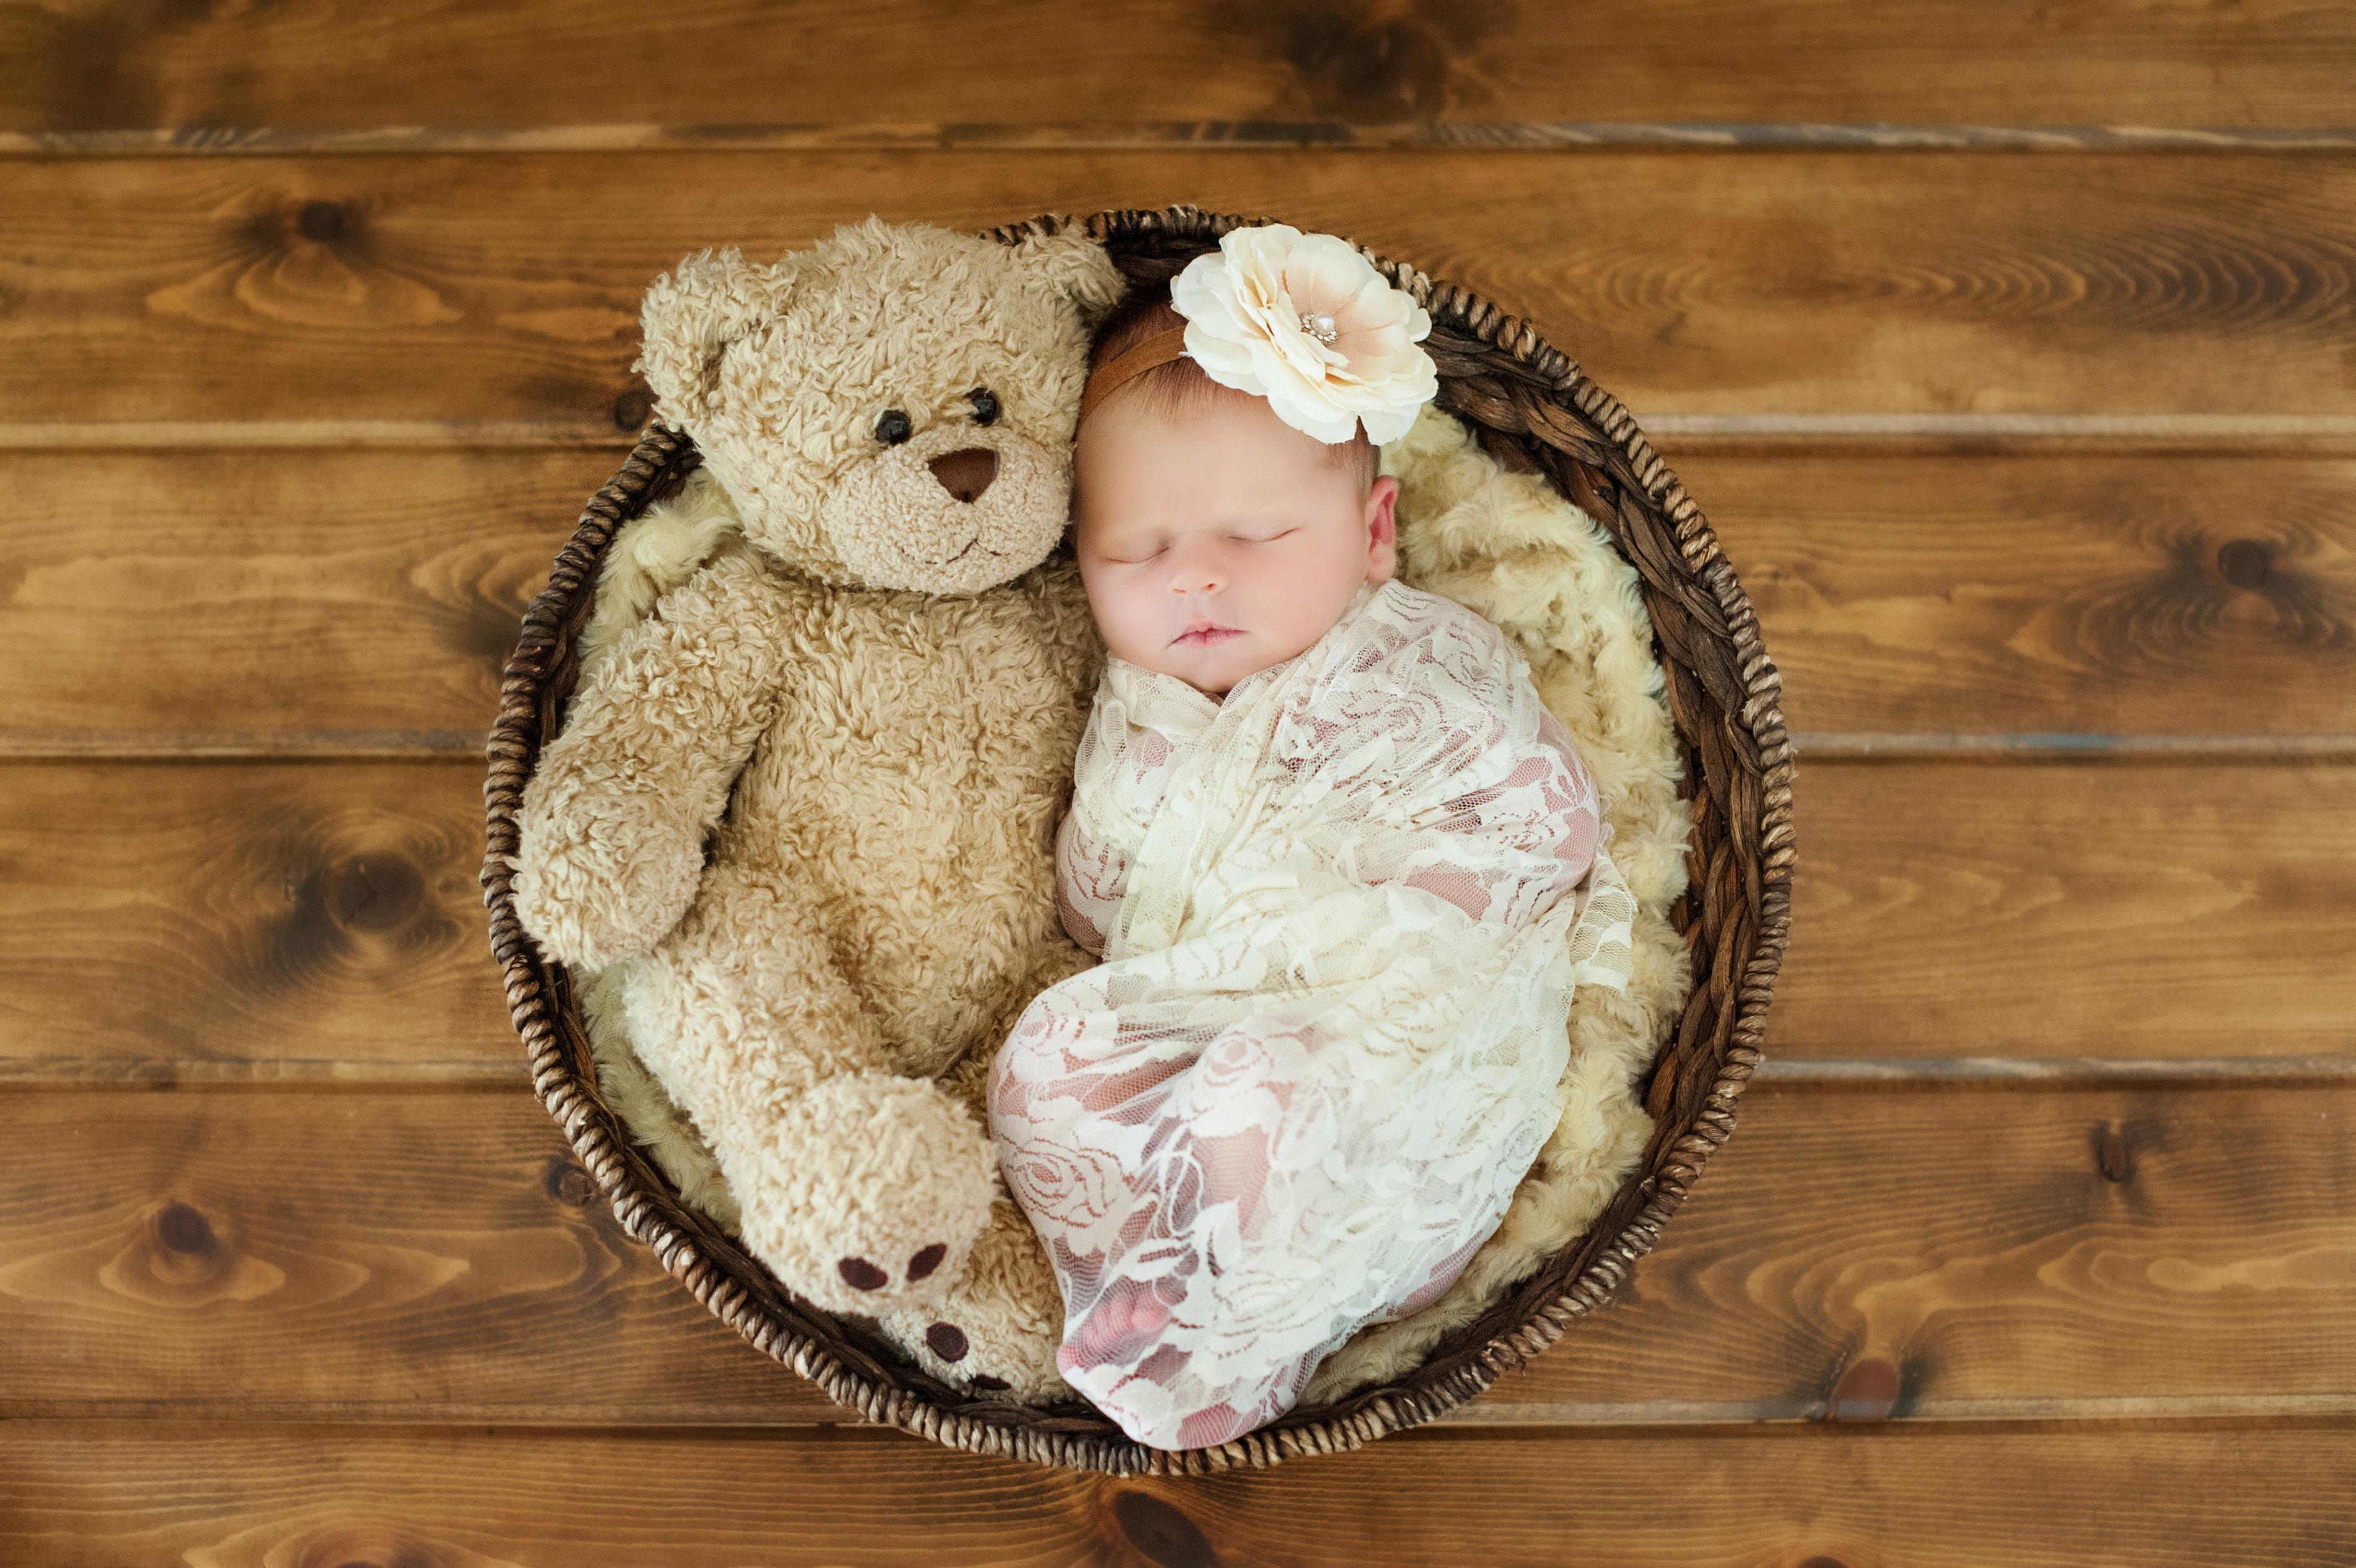 Baby Bri